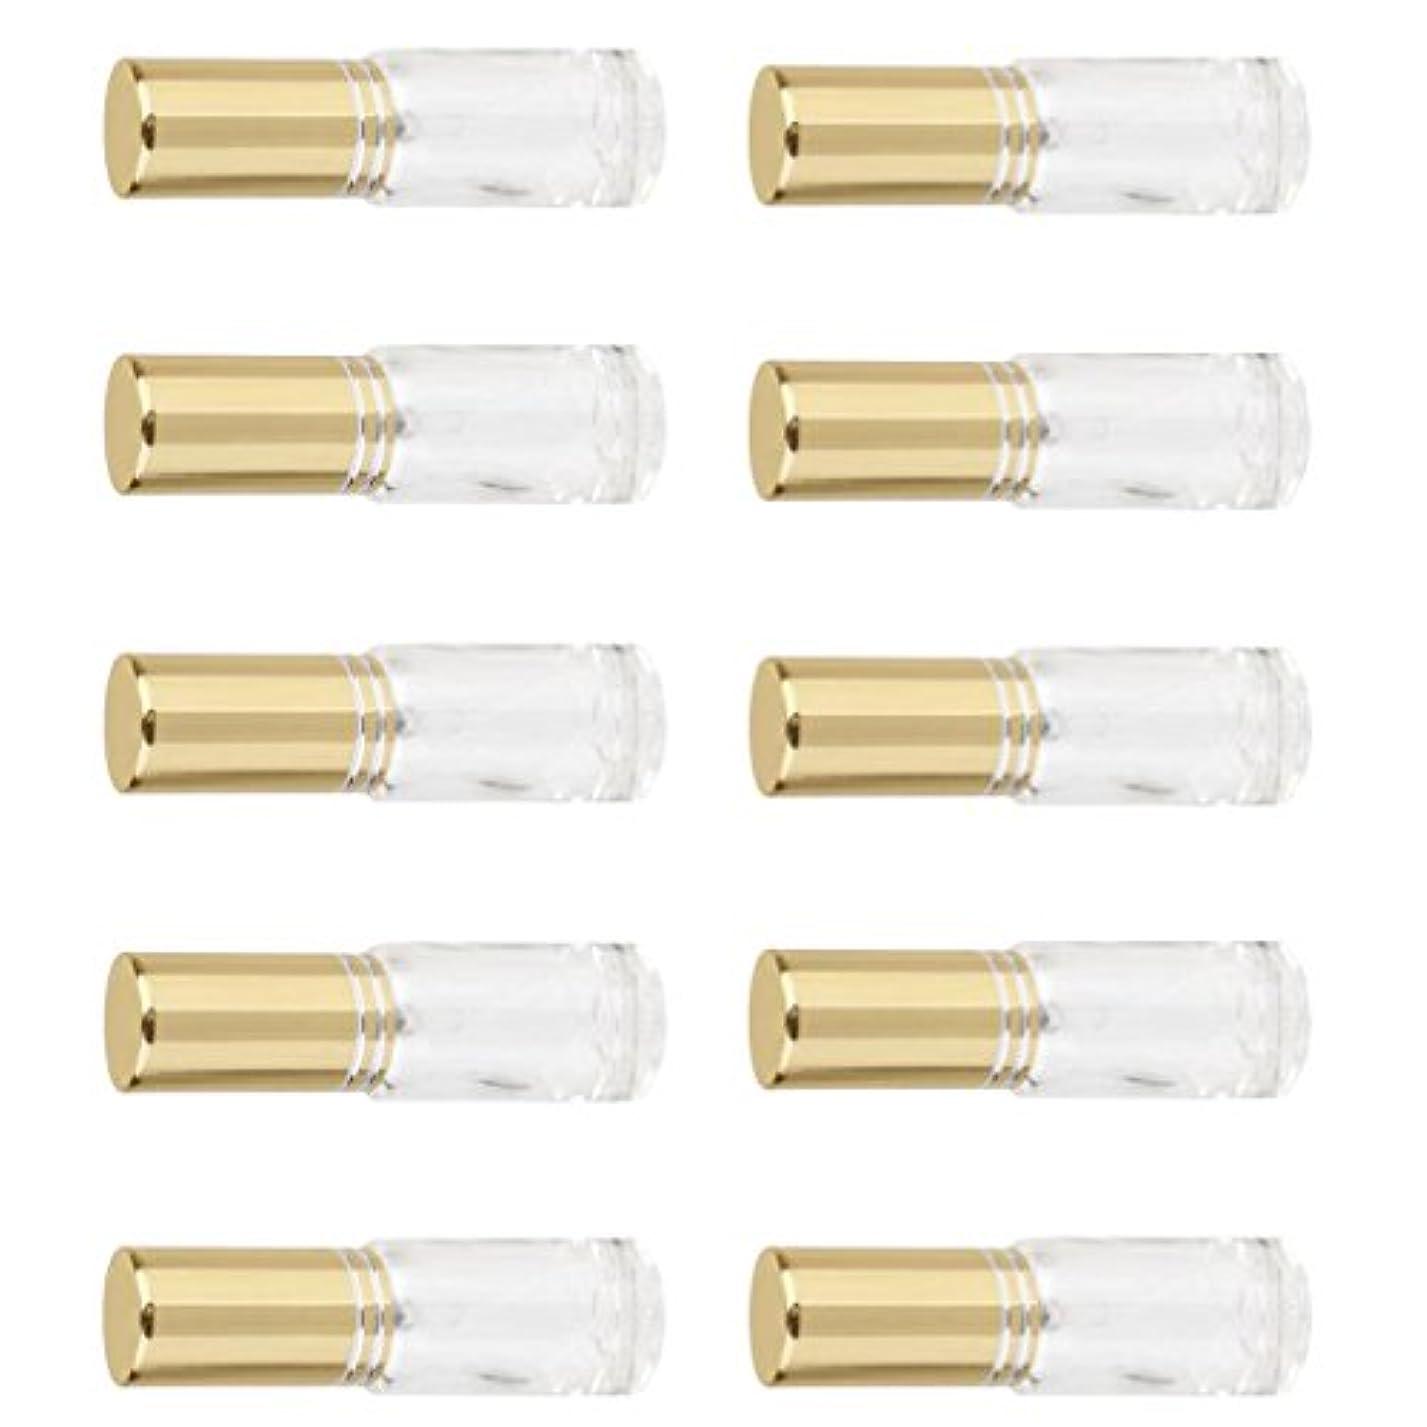 速記建築形成詰め替え可能 男女兼用 香水瓶 容器 ミニ ガラス 香水 アトマイザー ポンプ スプレー 10個入り